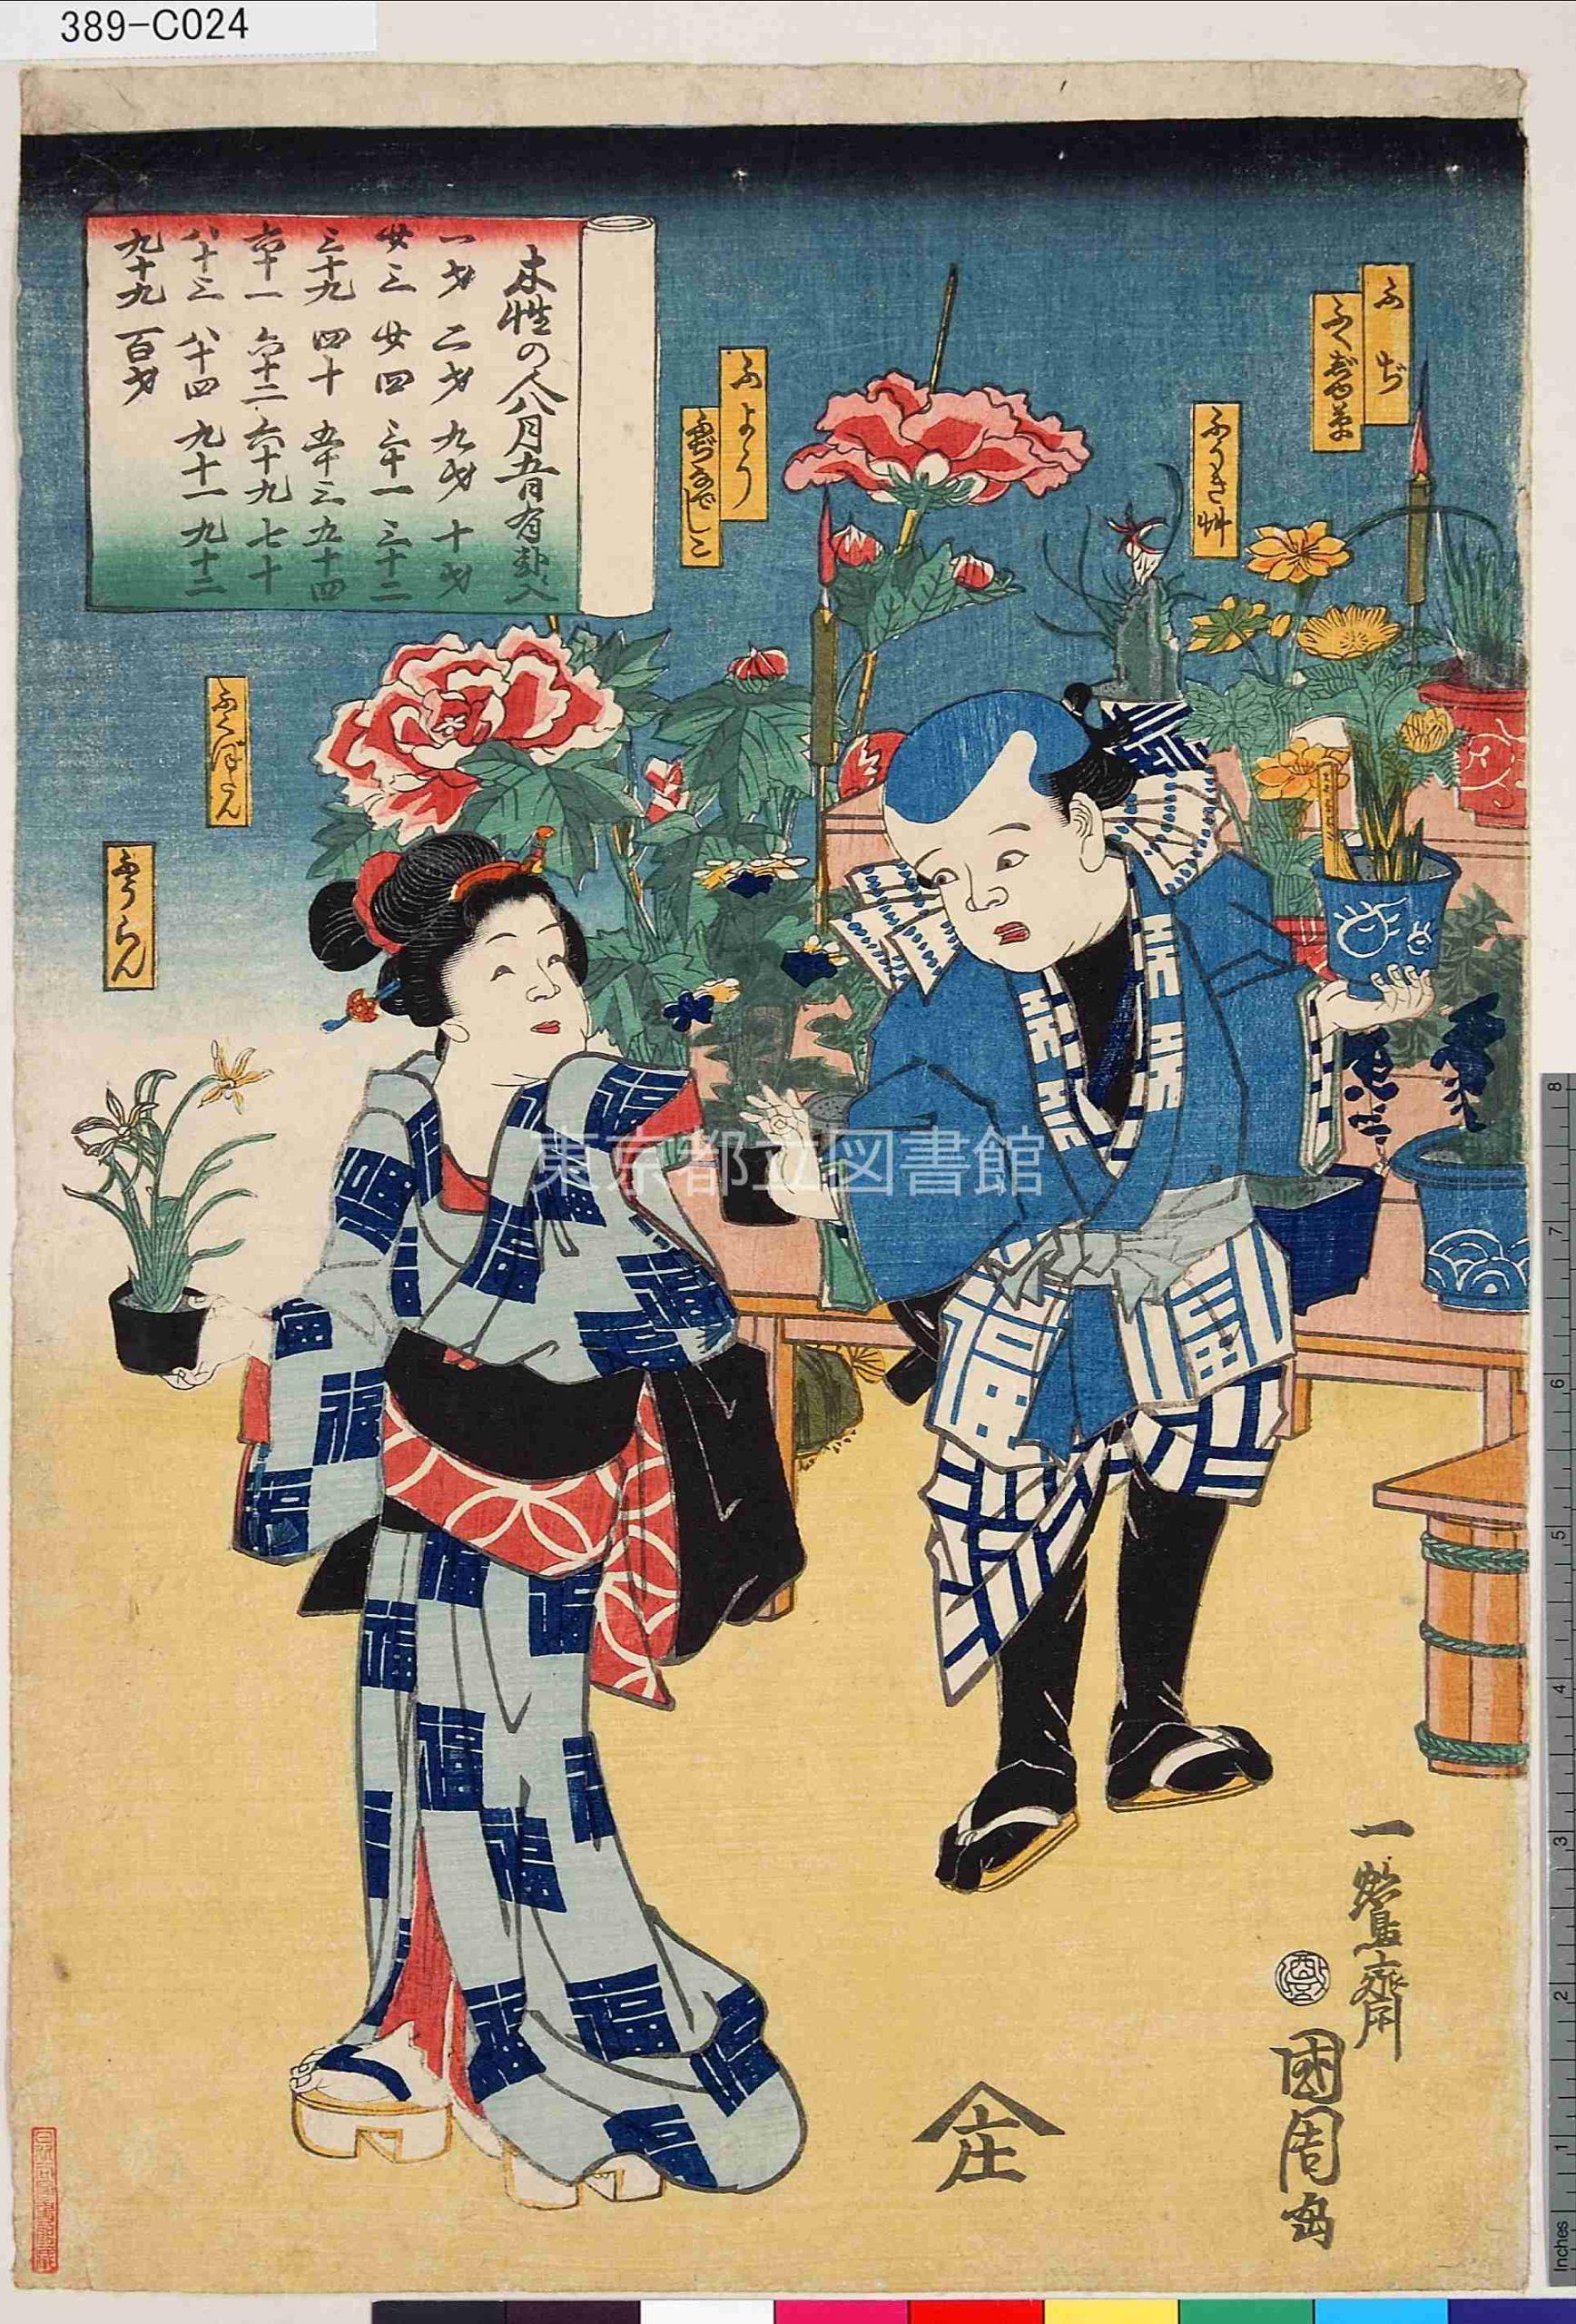 仮絵 『木性の人』1861年 画:豊原国周(都立中央図書館特別文庫室所蔵)